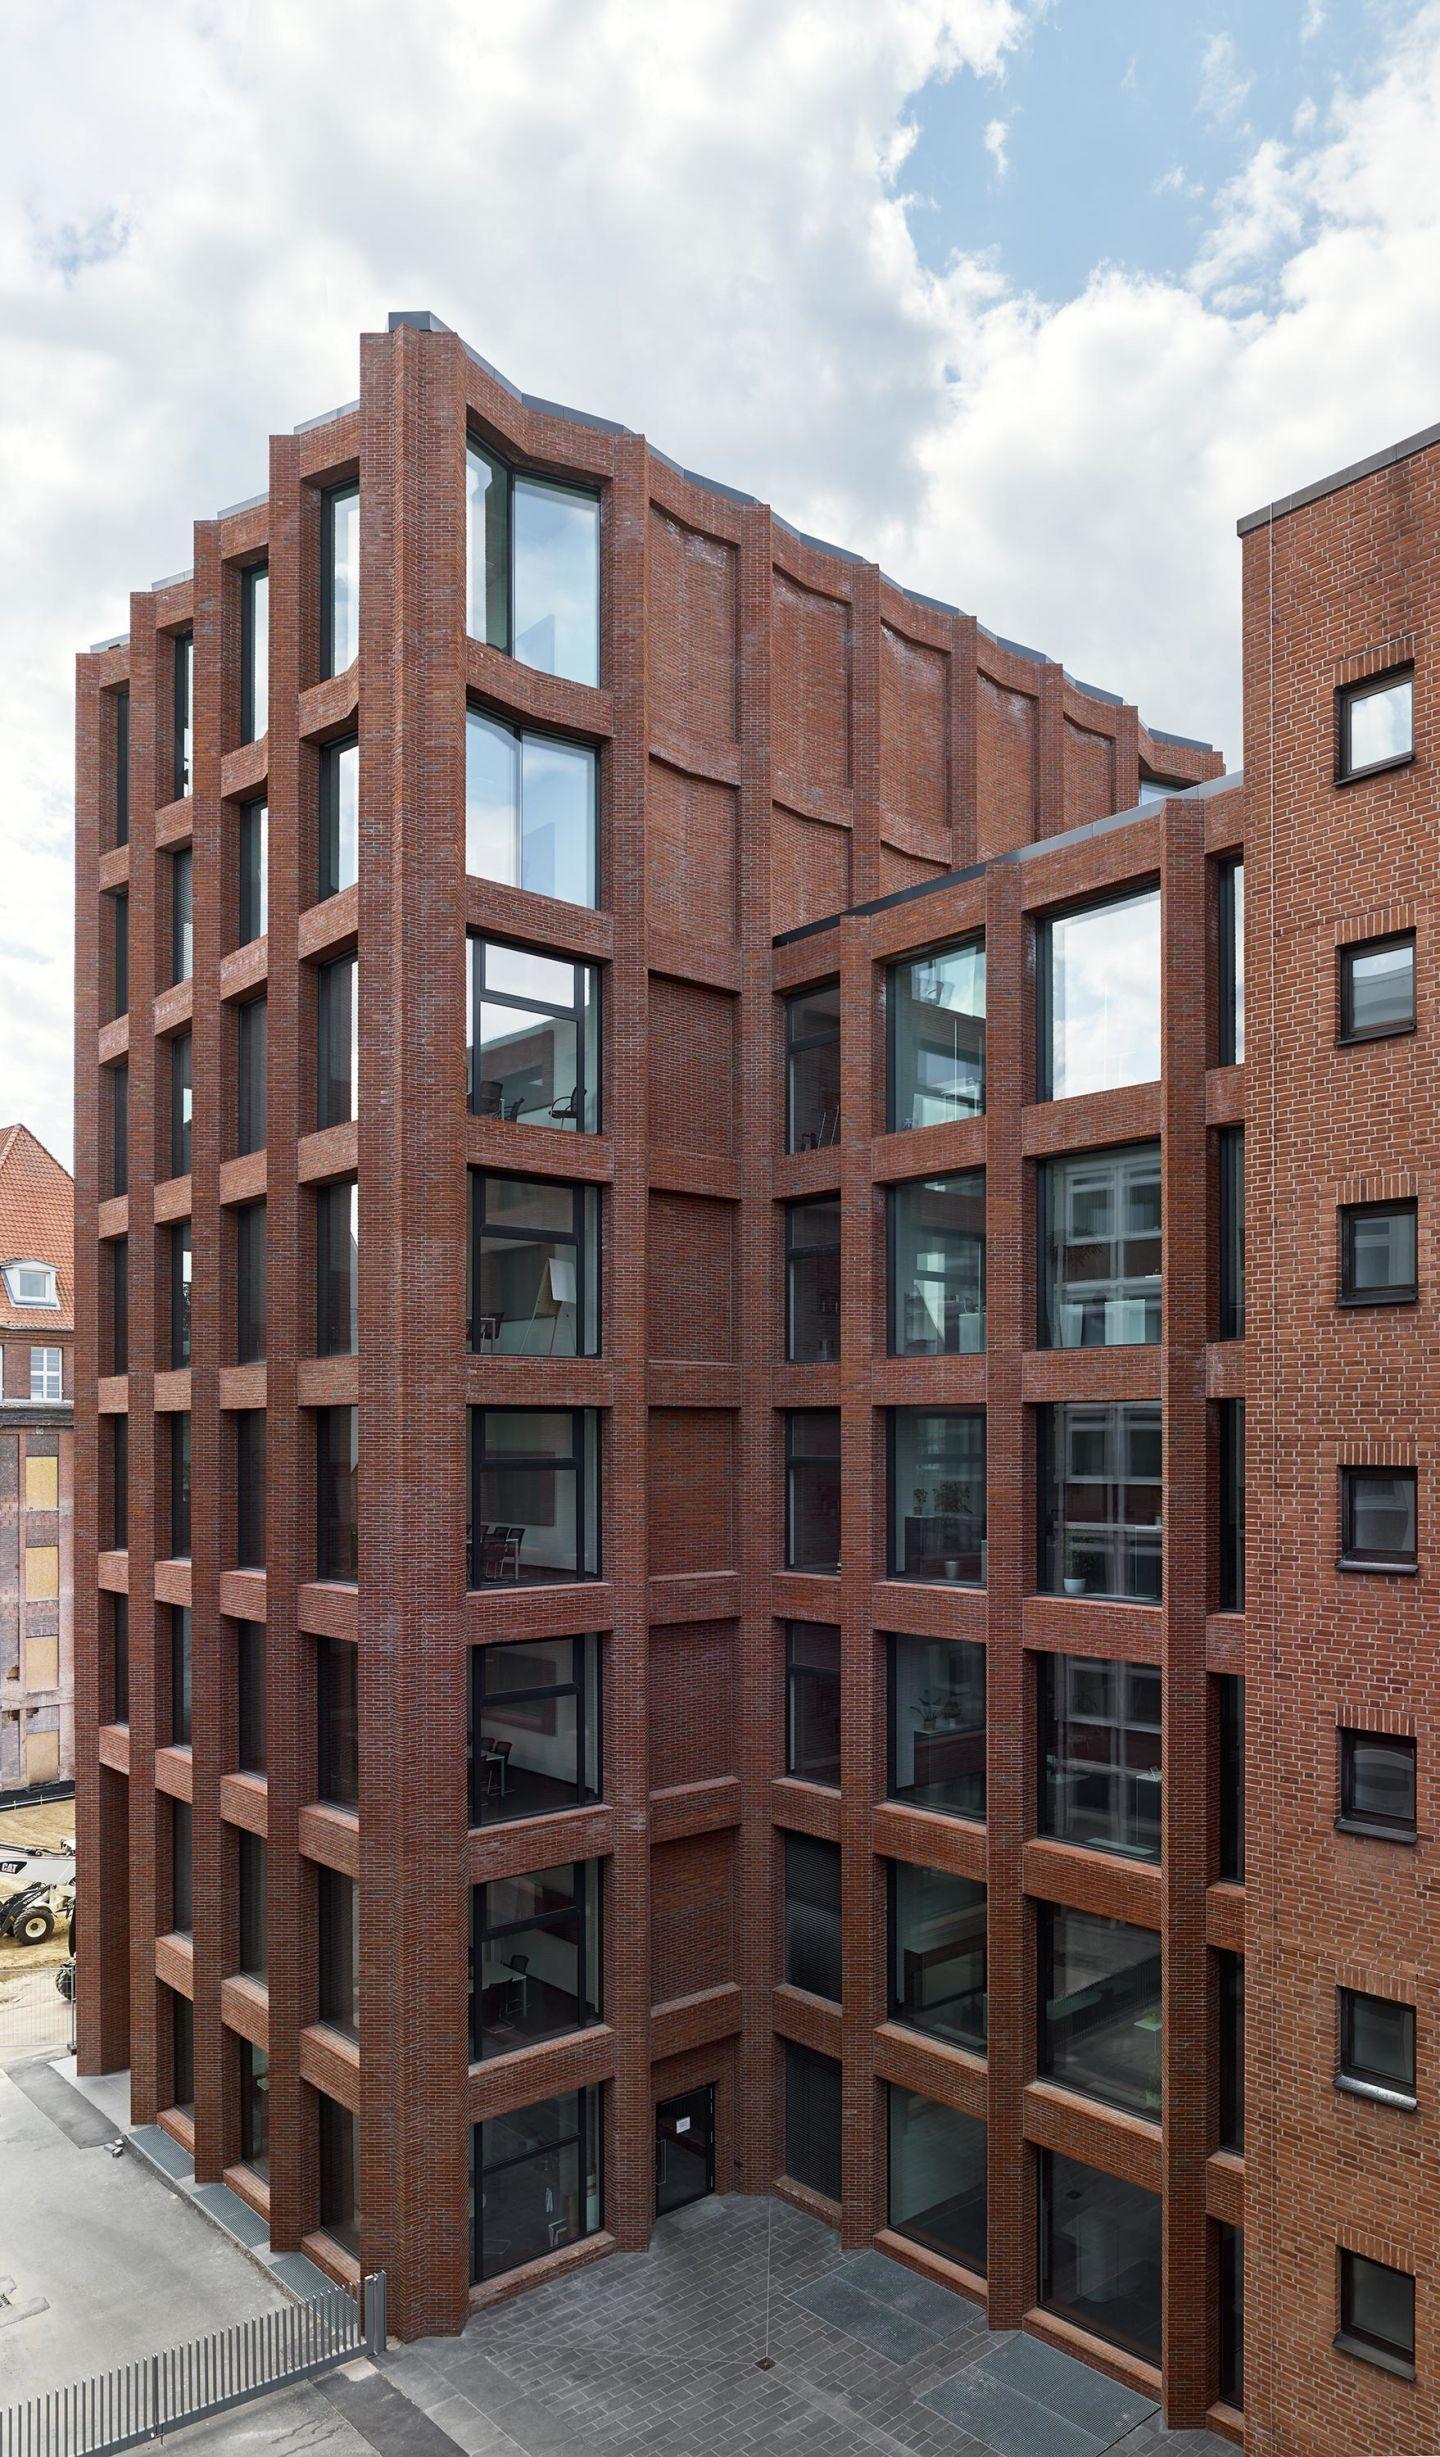 Architekten Lübeck drägerwerk house 72 lubeck germay by max dudler architekt photo